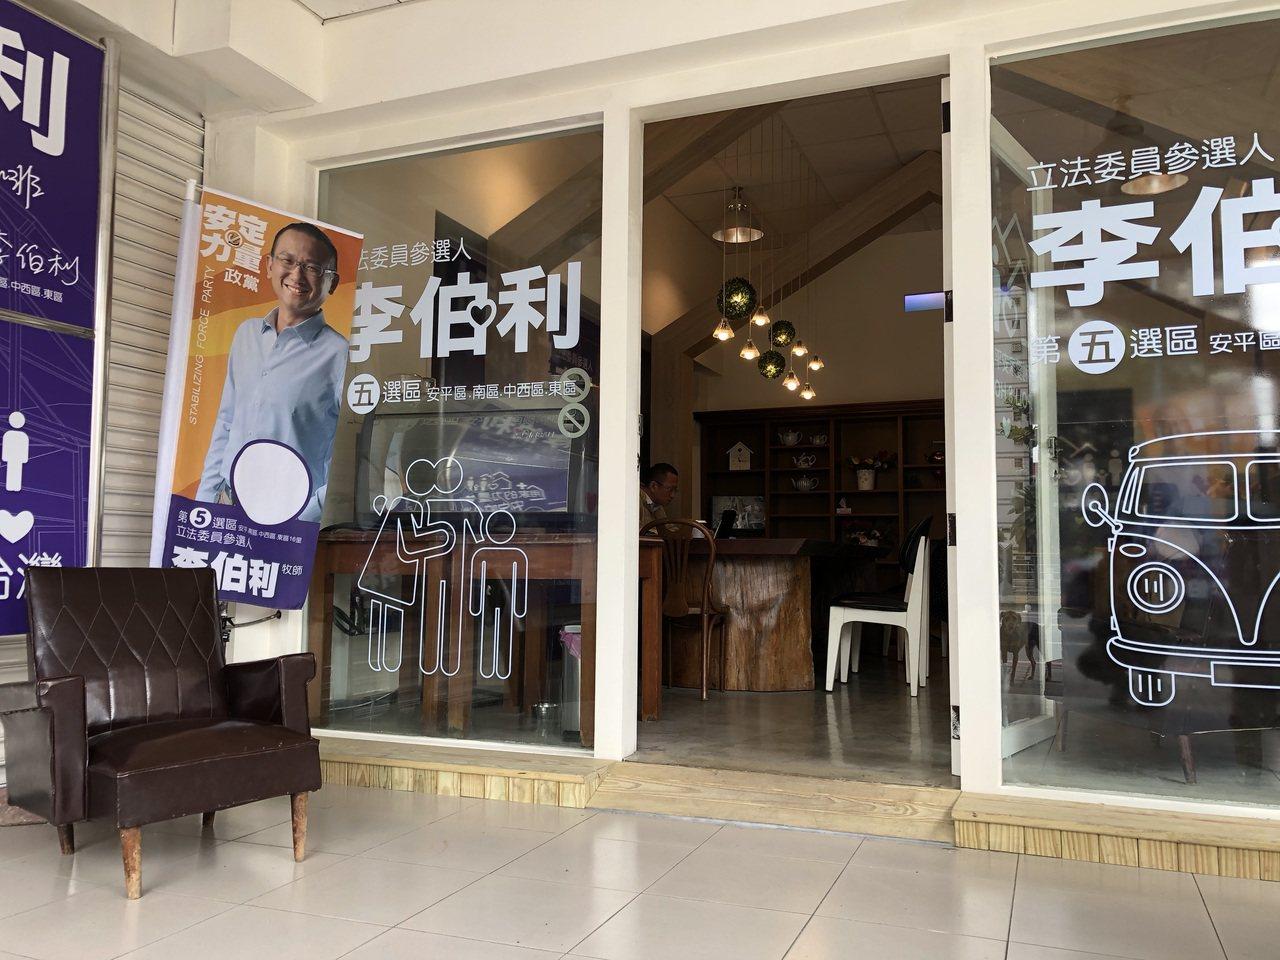 台南市第五选区立委参选人李伯利从爱家出发,希望明年1月11日顺利进入立法院为安定...